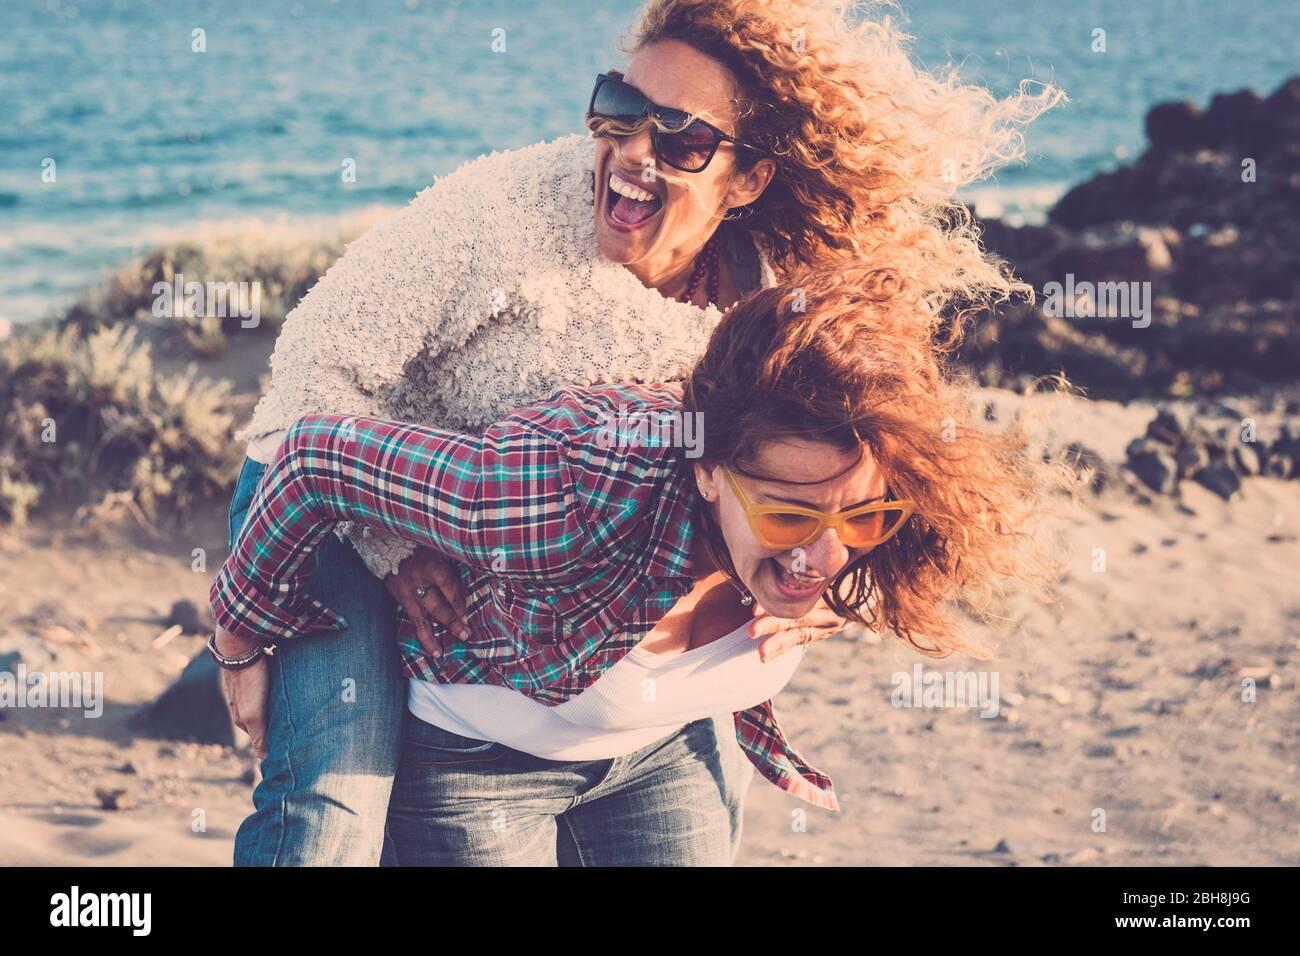 La gente ride molto e si diverte insieme in amicizia in attività di svago all'aperto - coppia di donne sono andati pazzo portando eachother sulla spalla - nessun limite di età per essere giocoso e felice Foto Stock